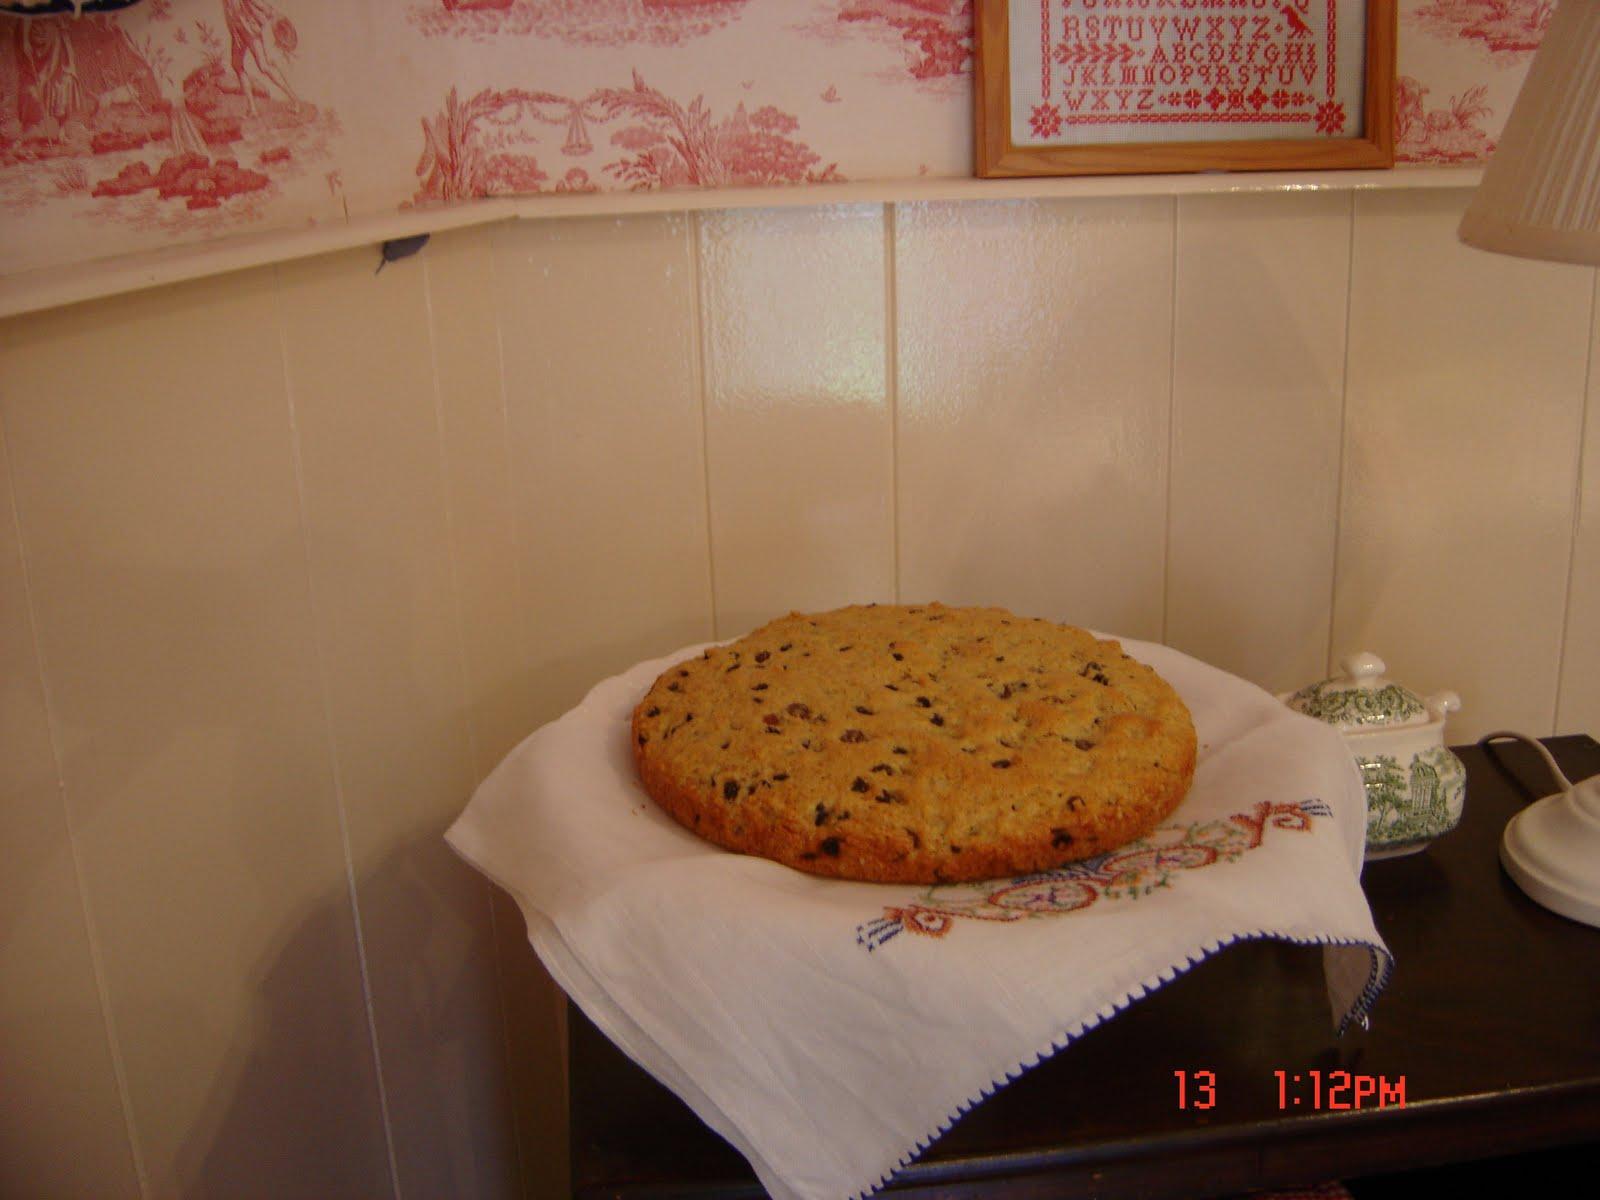 http://4.bp.blogspot.com/_AE-RwRYE6WA/TGWM_1v1_FI/AAAAAAAAAAc/CmaKhGYqJXg/s1600/Teisen%2BLap%2B(cake).JPG